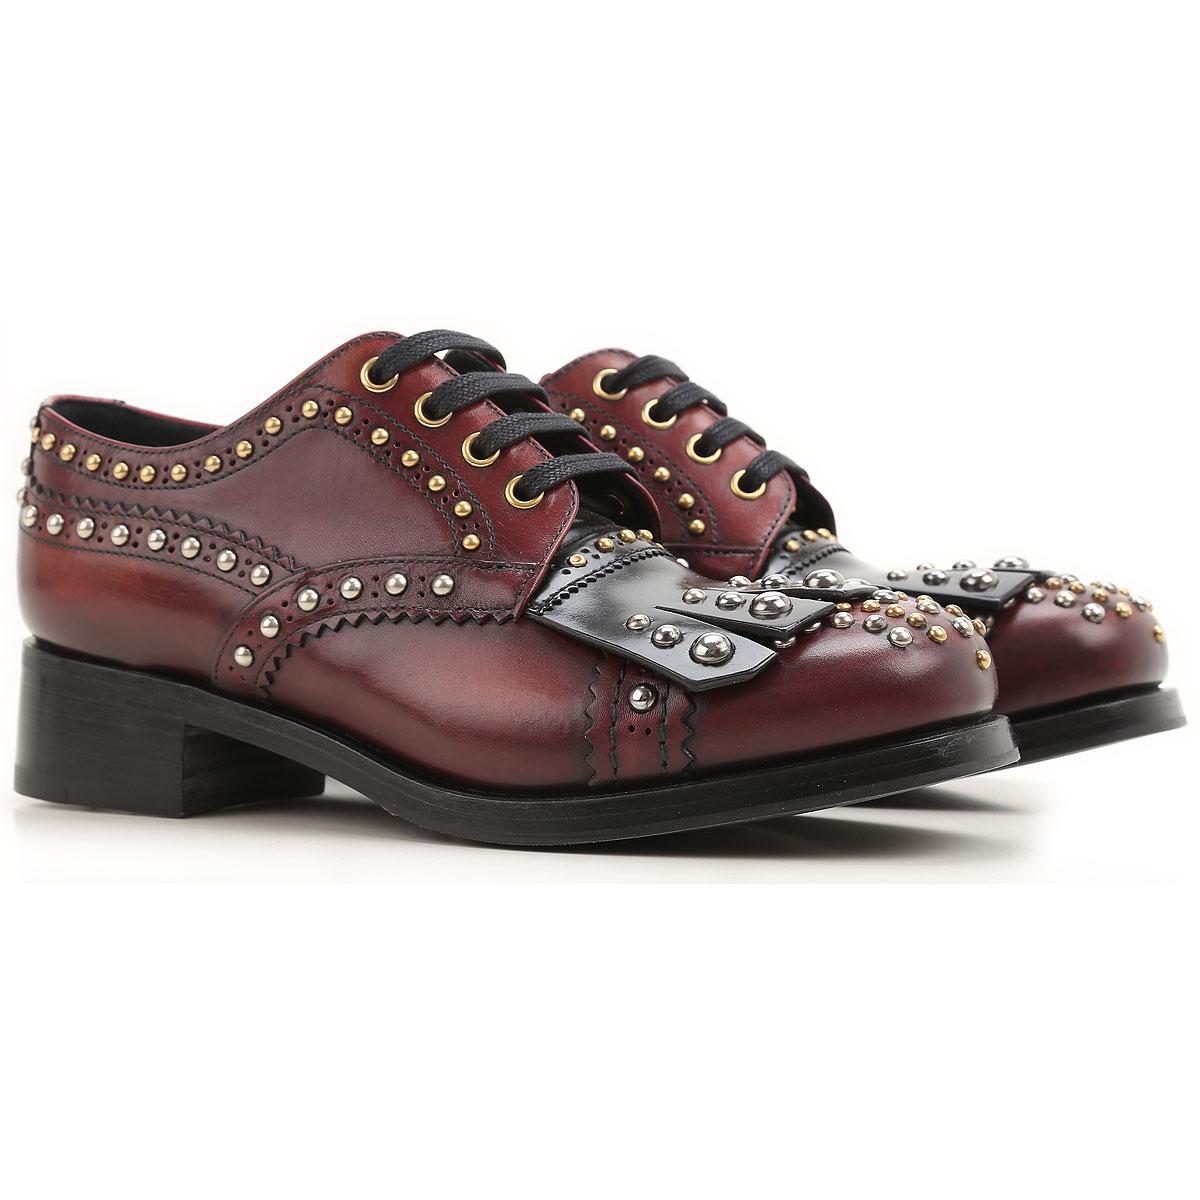 61d64e8a11 Prada Shoes Women